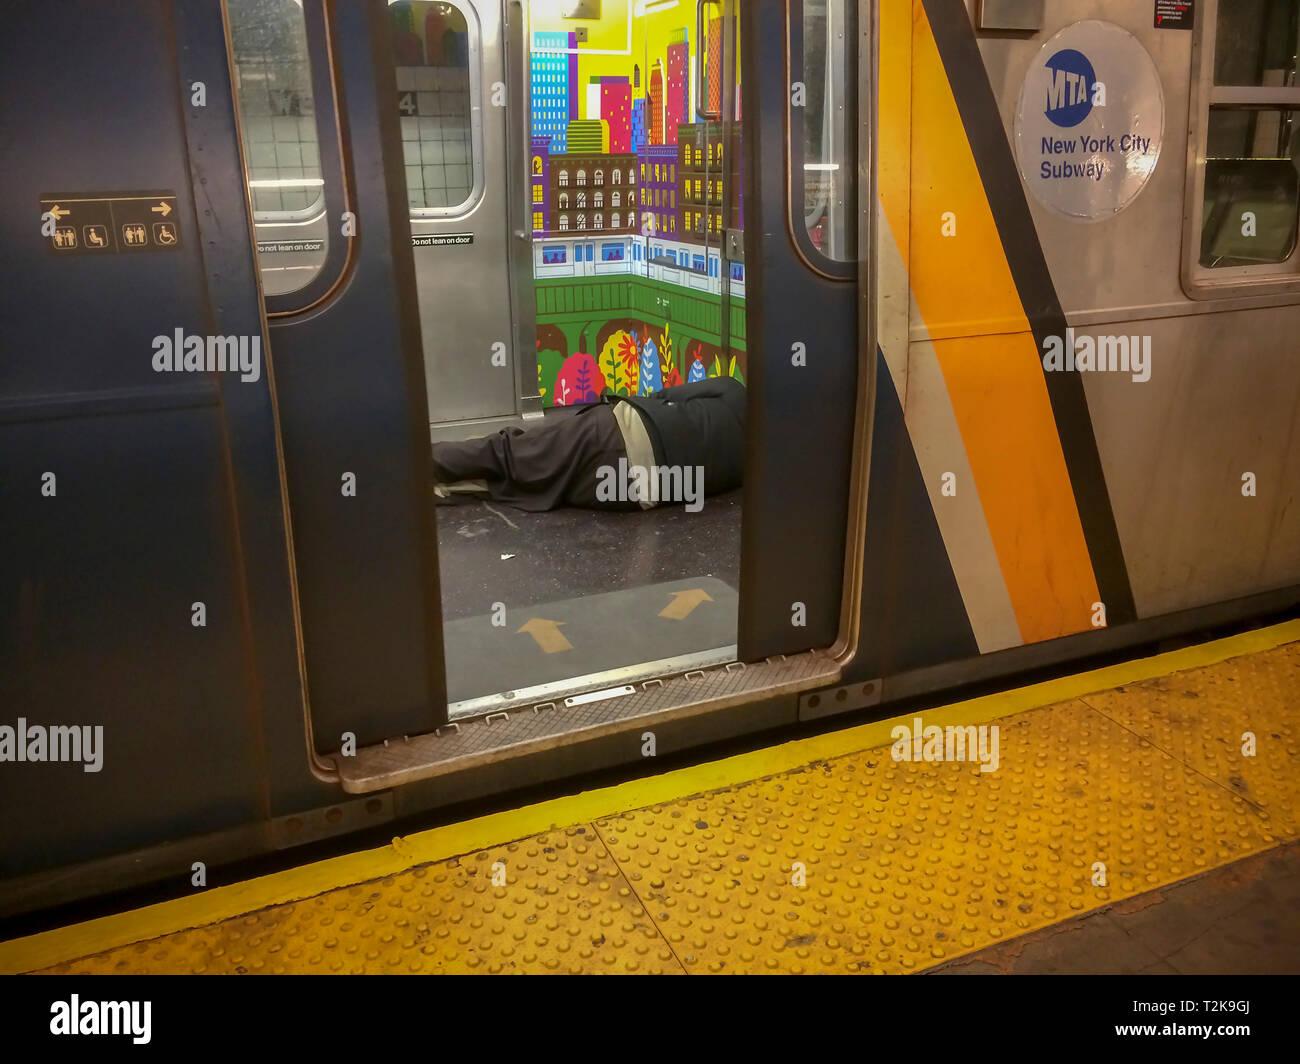 Eine obdachlose Person gesehen wird, schlafen auf dem Boden einer U-Bahn in New York am Dienstag, 26. März 2019. (© Frances M. Roberts) Stockbild